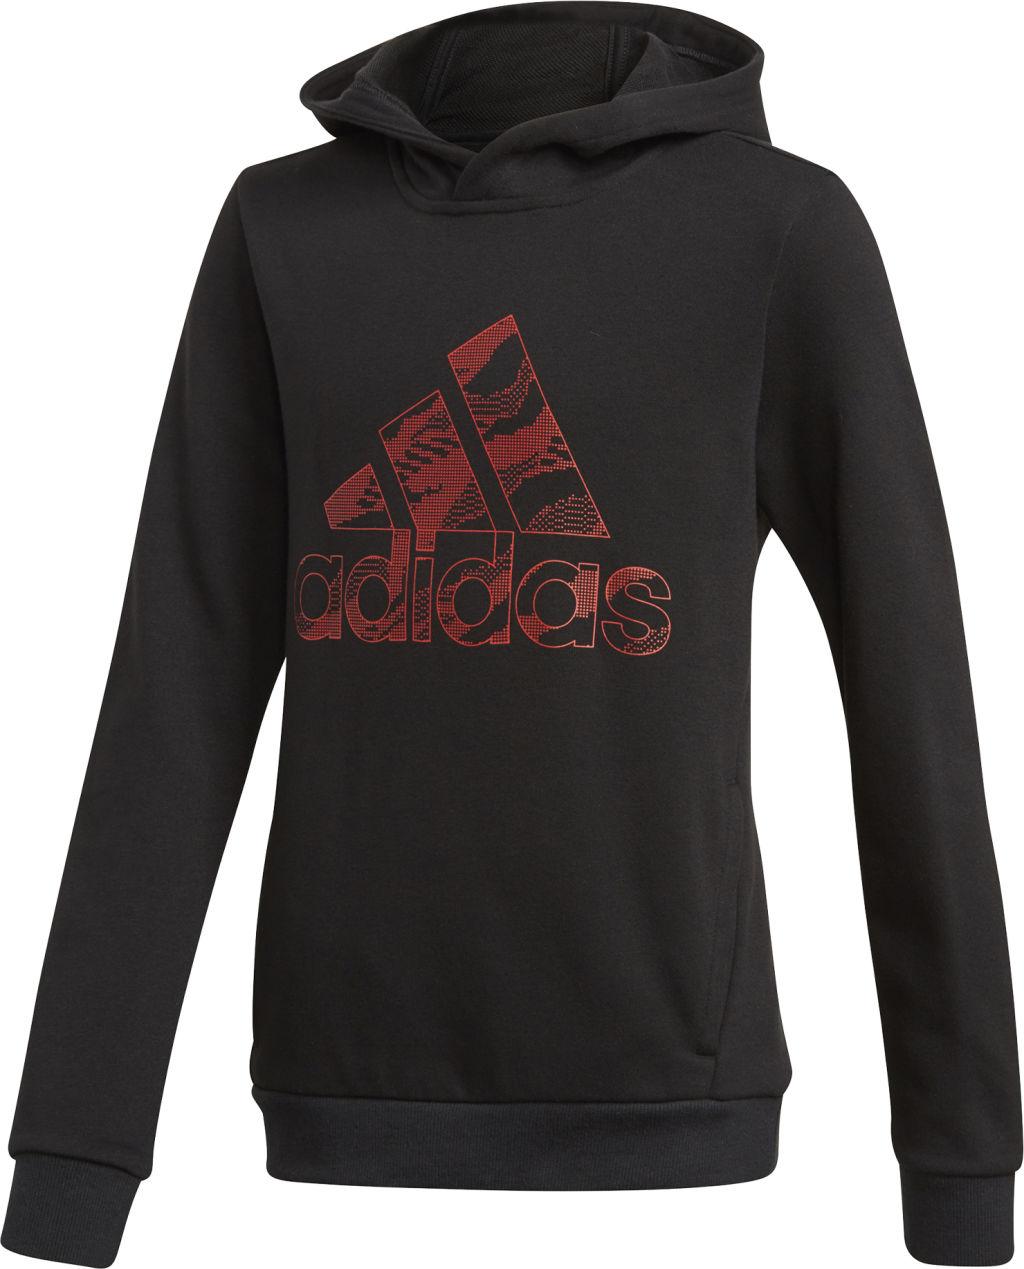 Adidas Yb Cp poikien huppari Musta 8dff07db4e